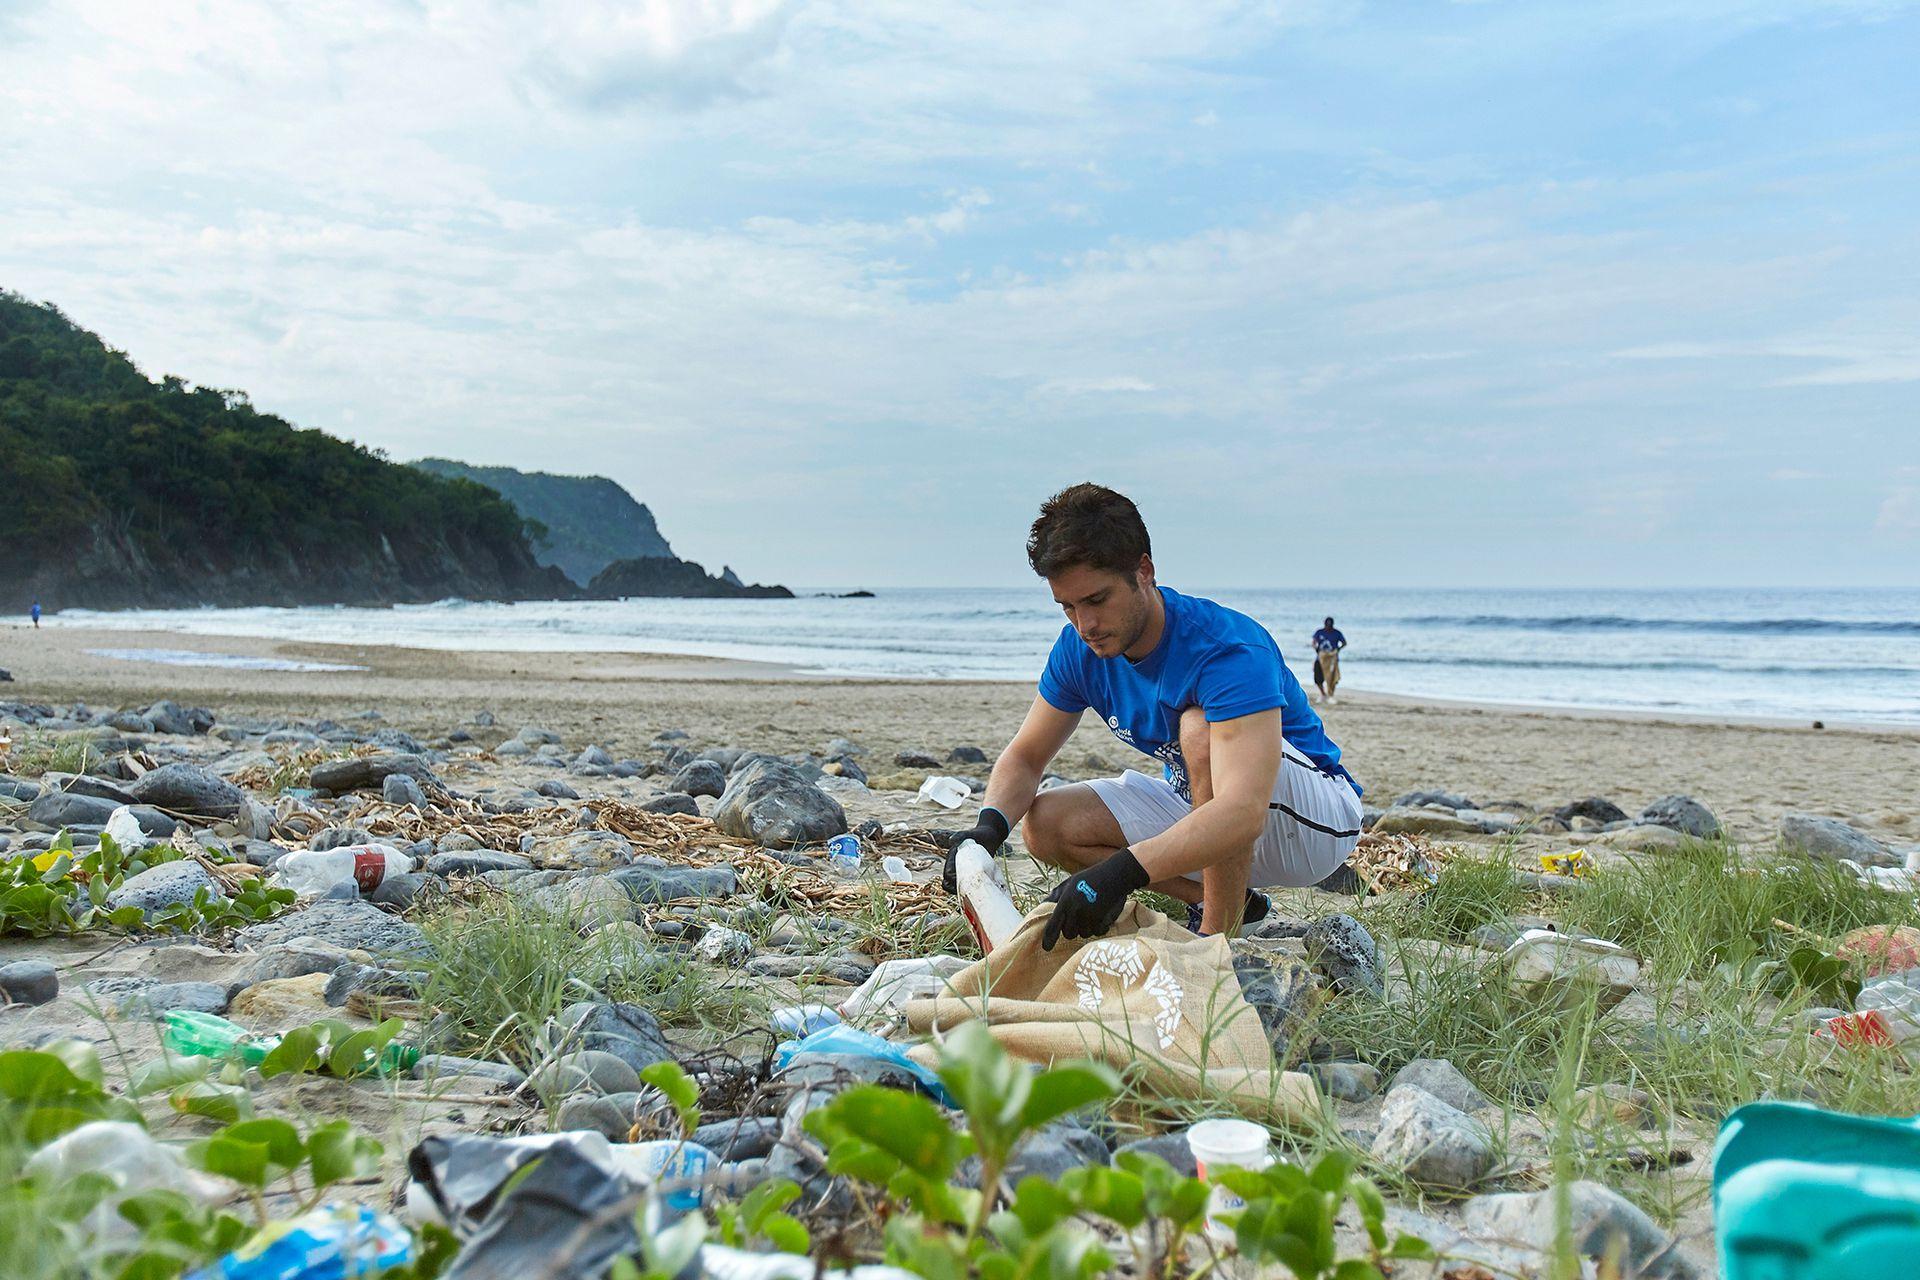 Diego Boneta recogió basura de las playas mexicanas con sus propias manos para colaborar con el reciclaje en el marco de una campaña que llega ahora a la Argentina